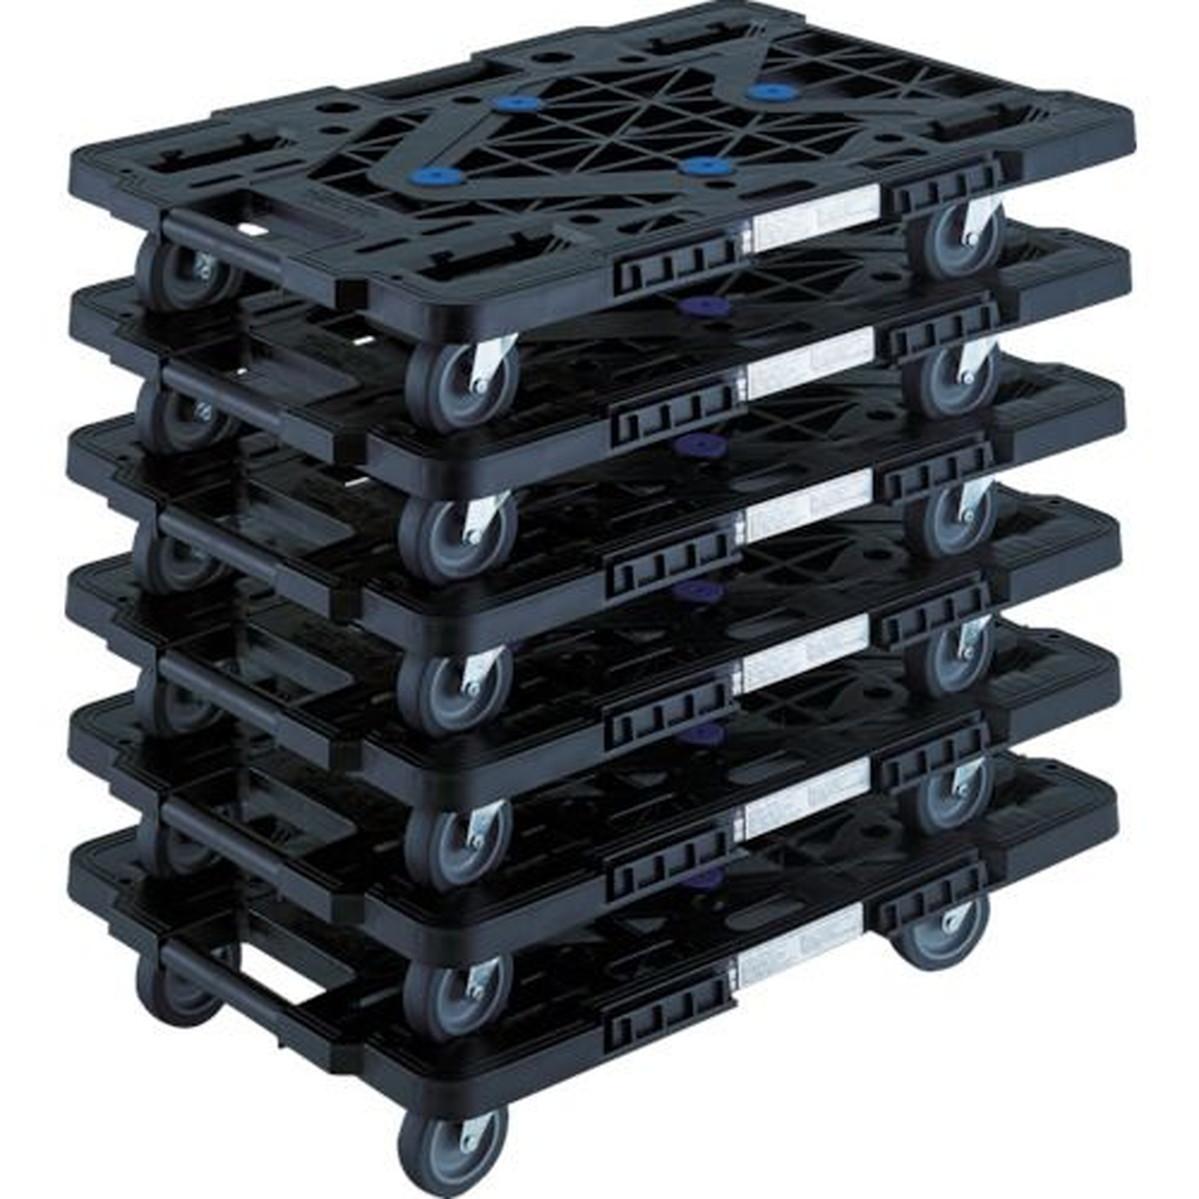 【おしゃれ】 TRUSCO まとめ買い ルートバン まとめ買い 1S MPK-600J-BK 6台セット 6台セット 1S, Hem ヘム on line SHOP:83c1aee7 --- independentescortsdelhi.in